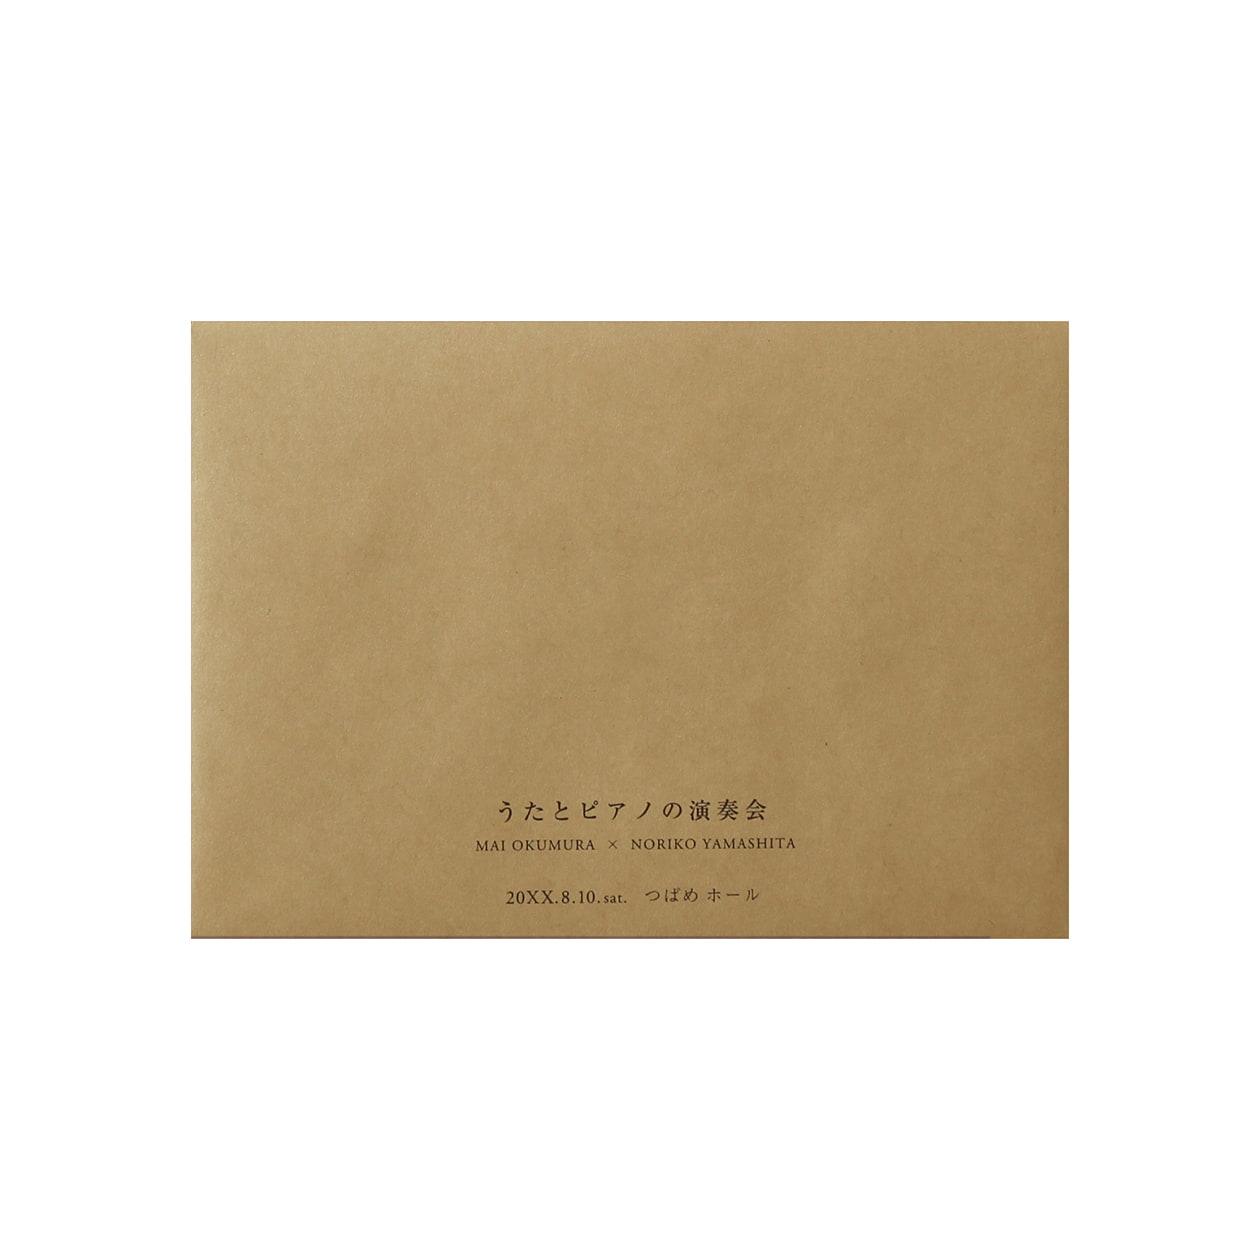 サンプル 封筒・袋 00014